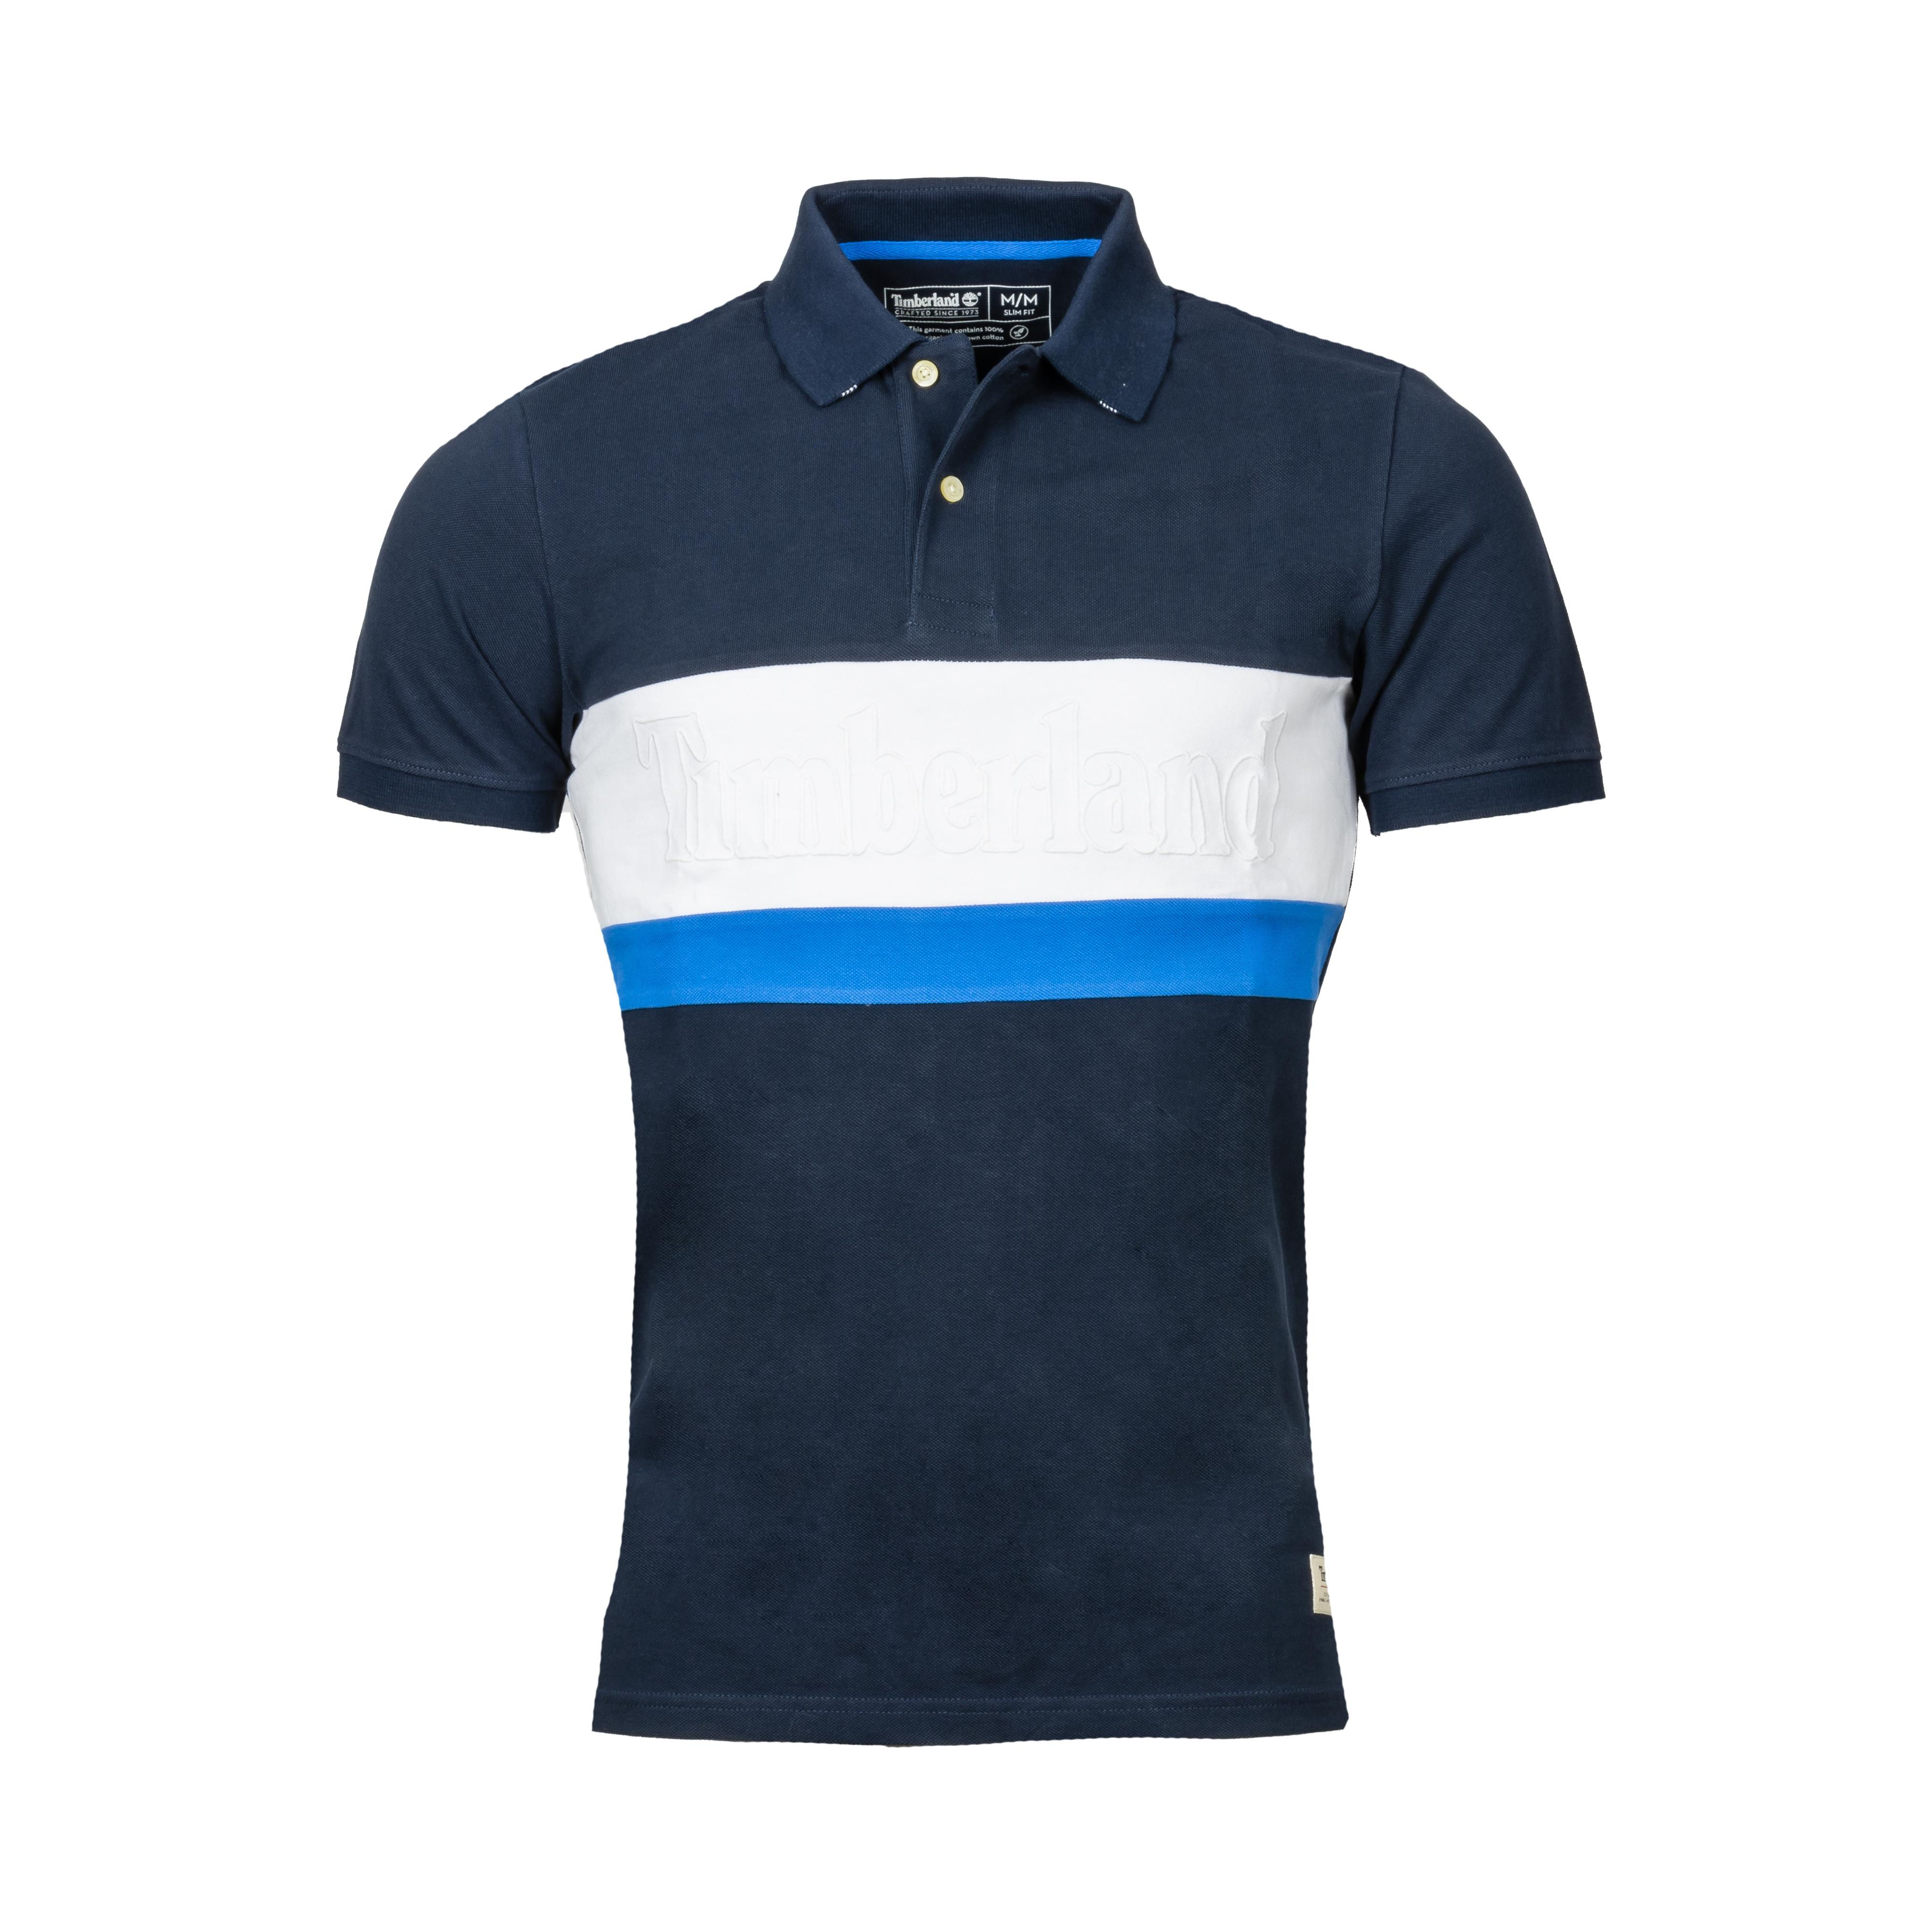 Polo  en coton piqué colorblock bleu nuit et blanc